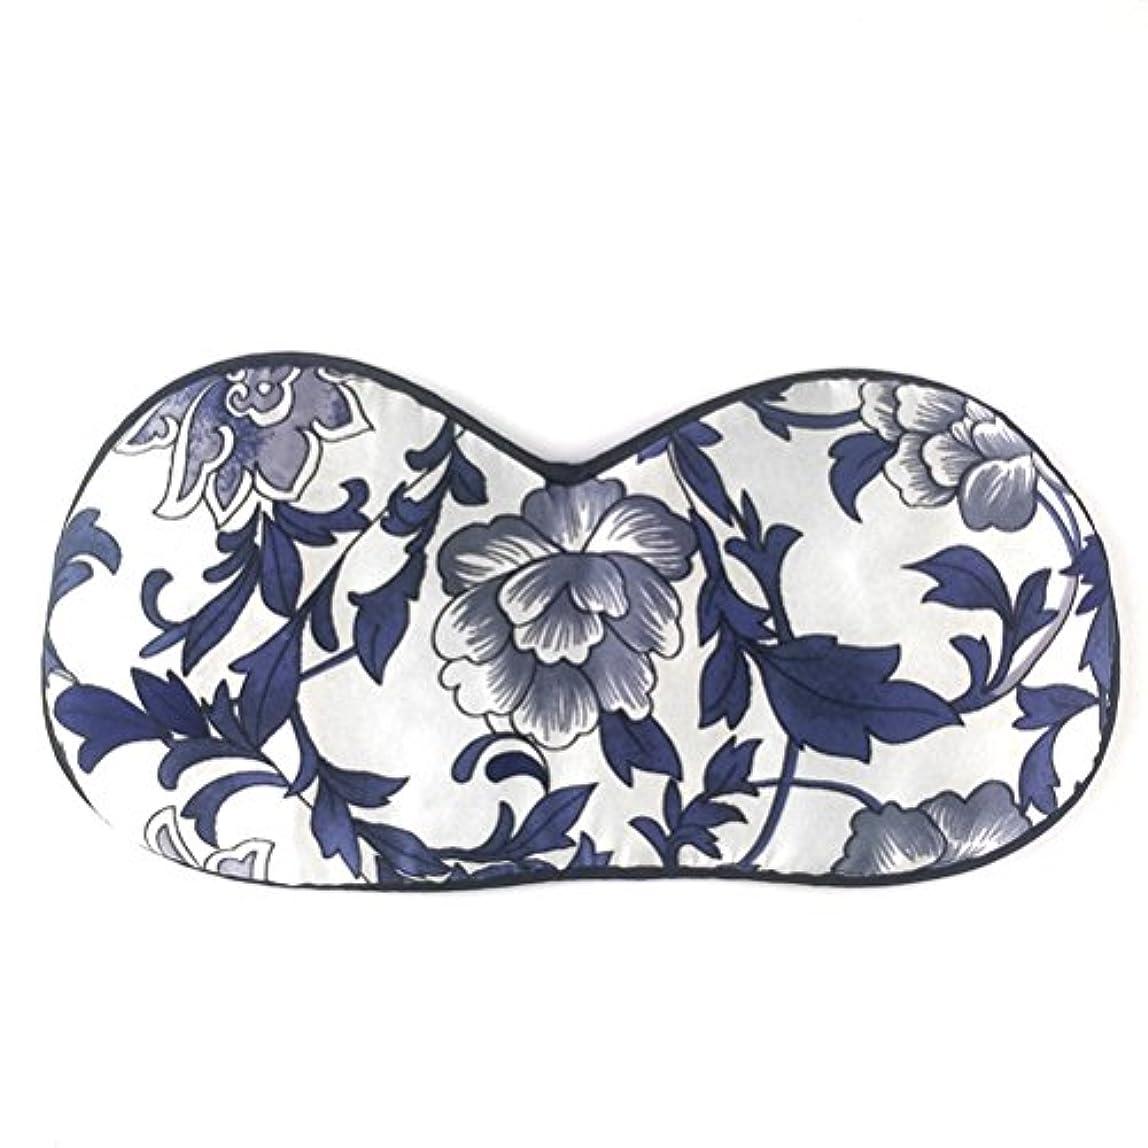 変形エクステントキネマティクスULTNICE シルク睡眠の目のマスク目隠しのアイシャドウ女性のための睡眠の昼寝の瞑想(青と白の磁器)